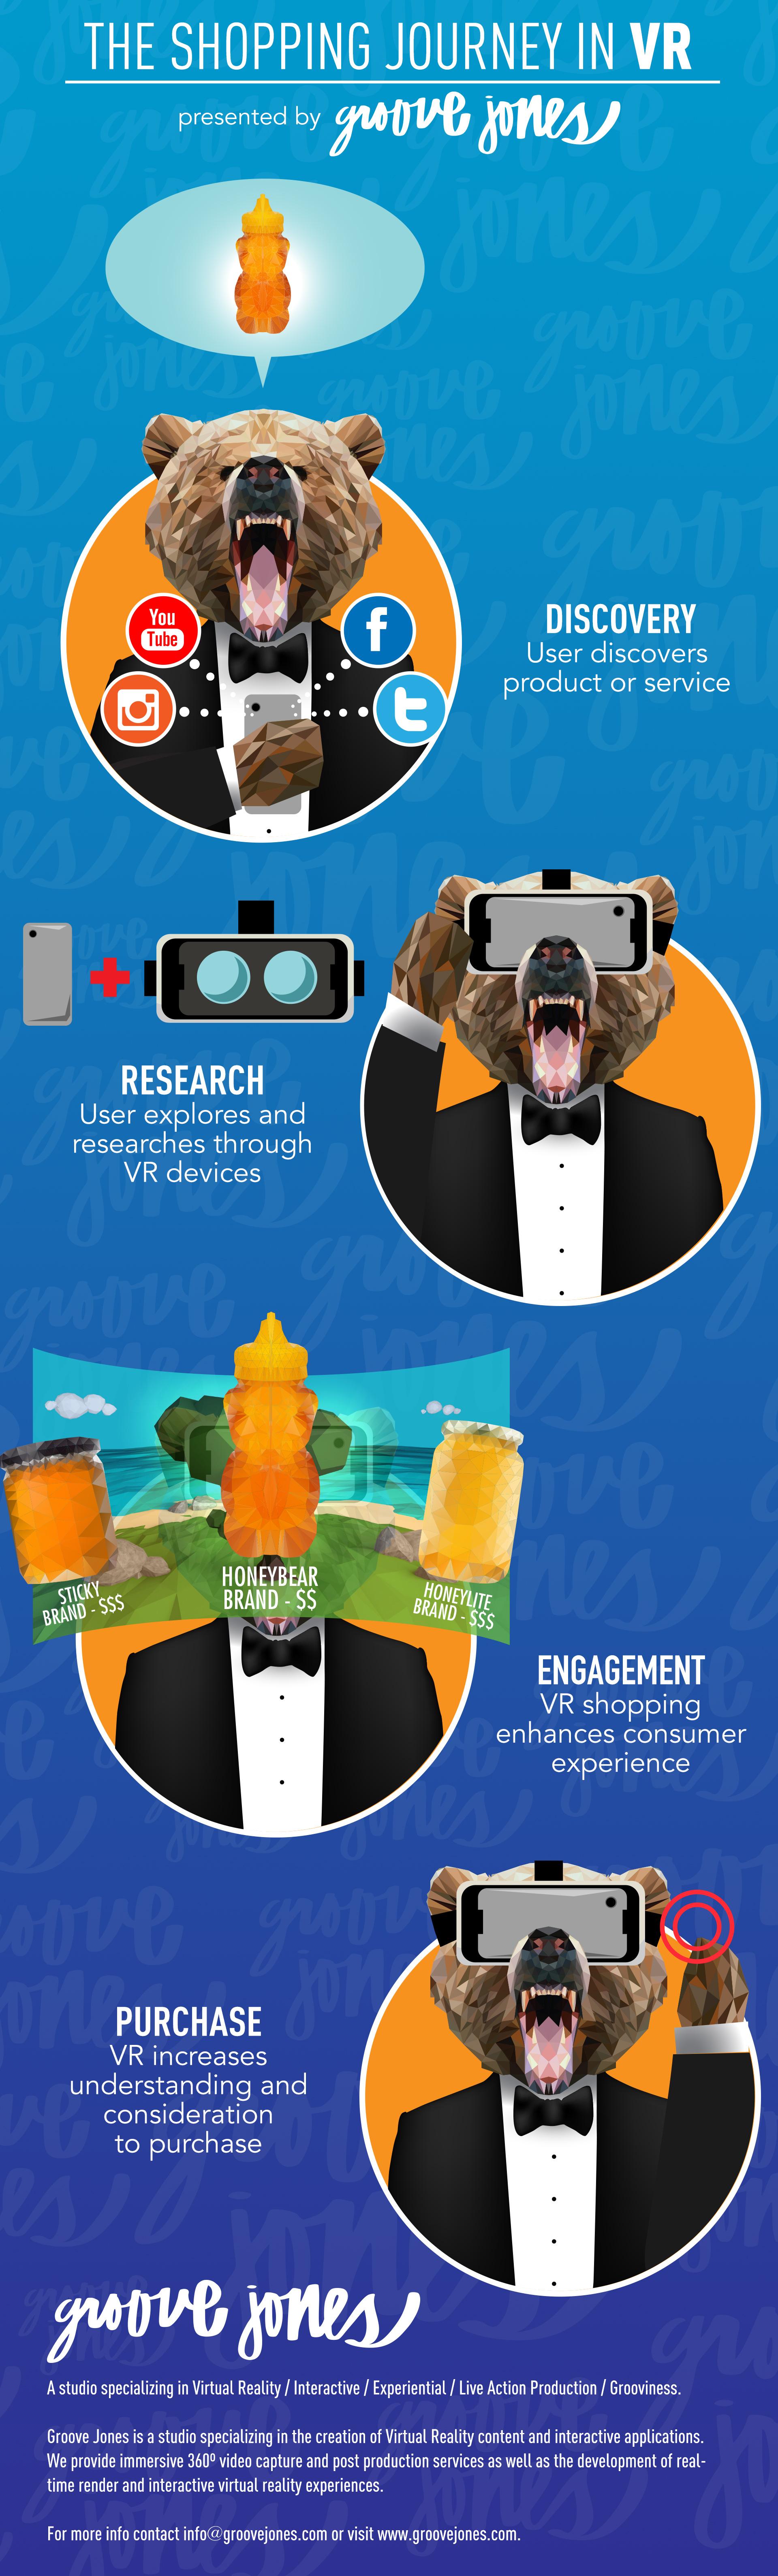 Consumer Shopping Journey in VR